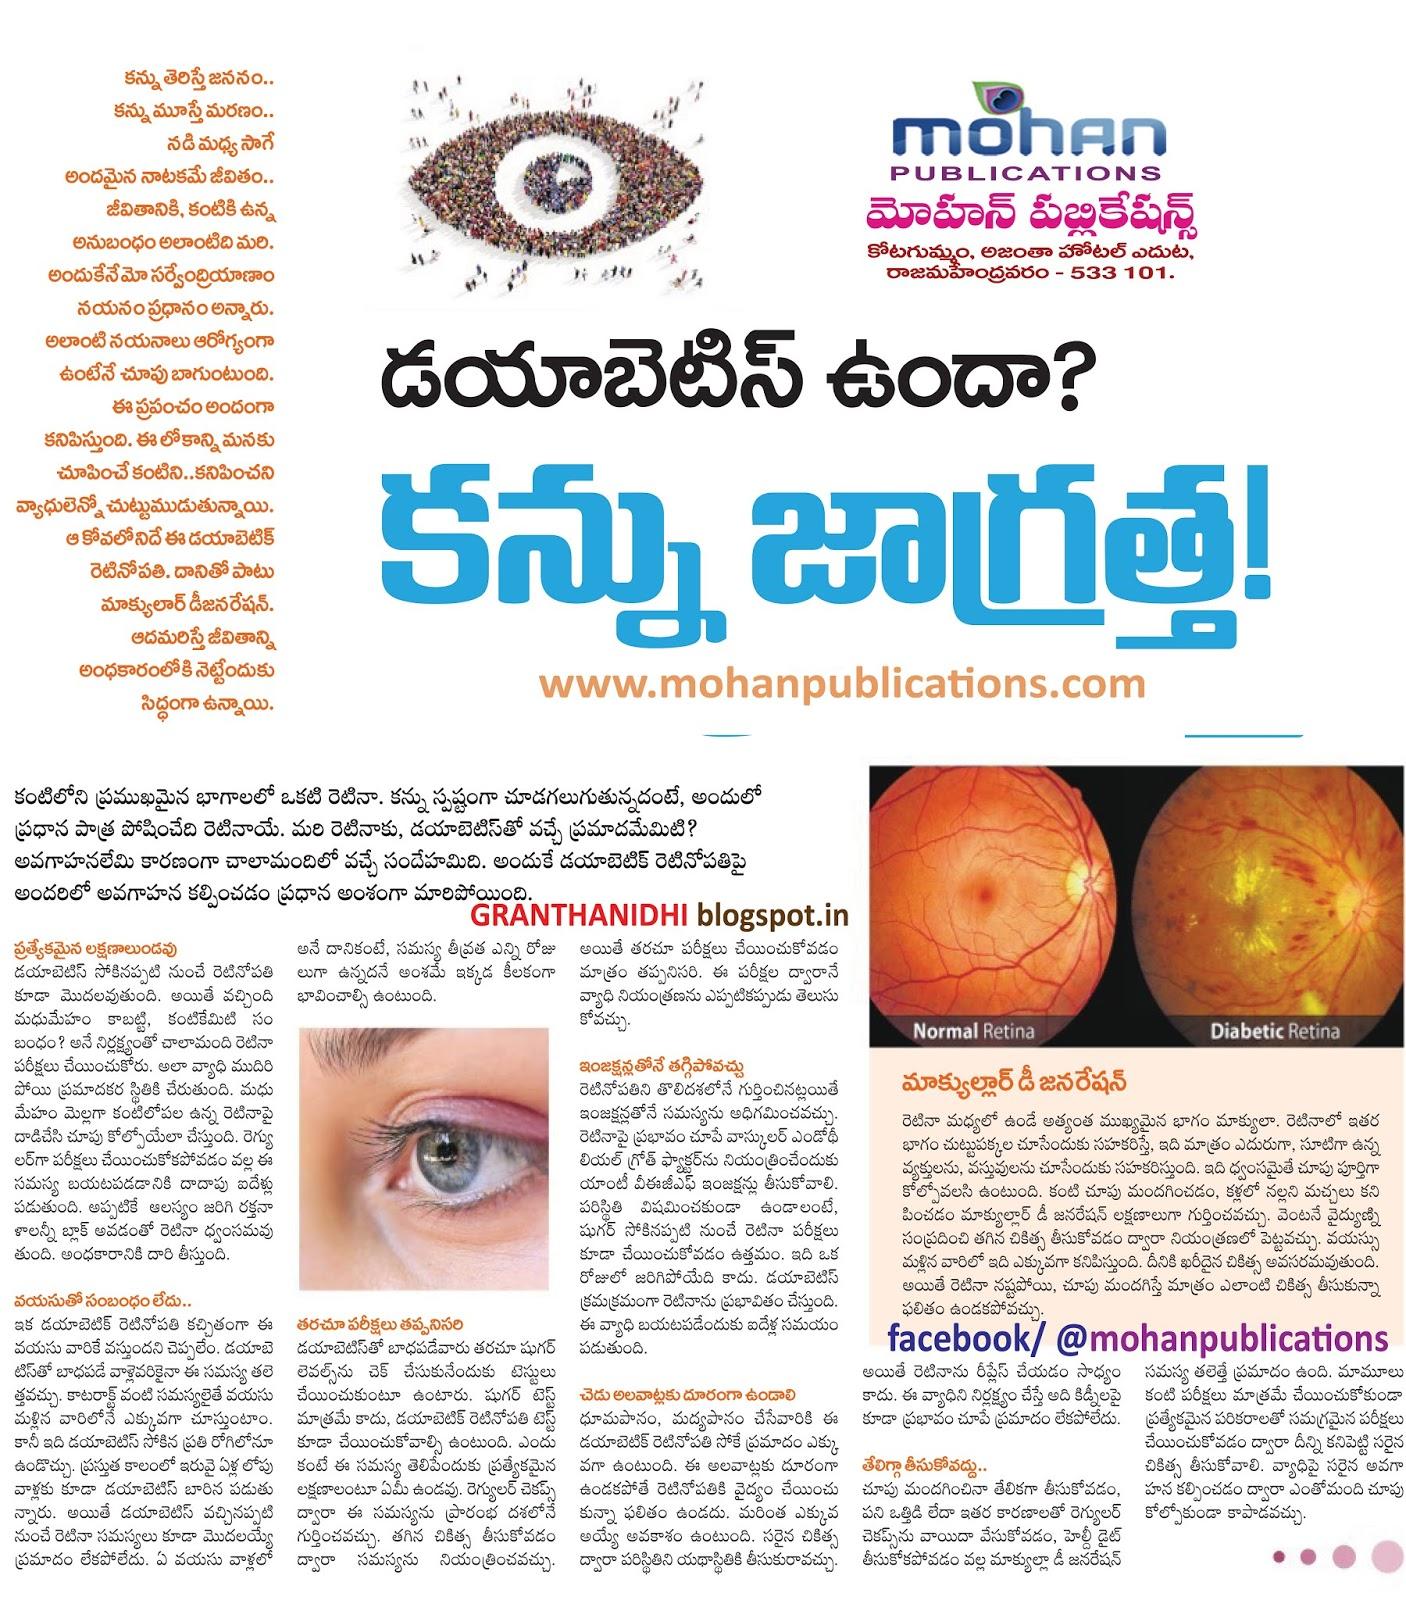 మధుమేహం (డయాబెటిస్) Diabetes sugar disease diabetes disease symptoms and causes of diabetes bhakthi pustakalu bhakti pustakalu bhakthipustakalu bhaktipustakalu